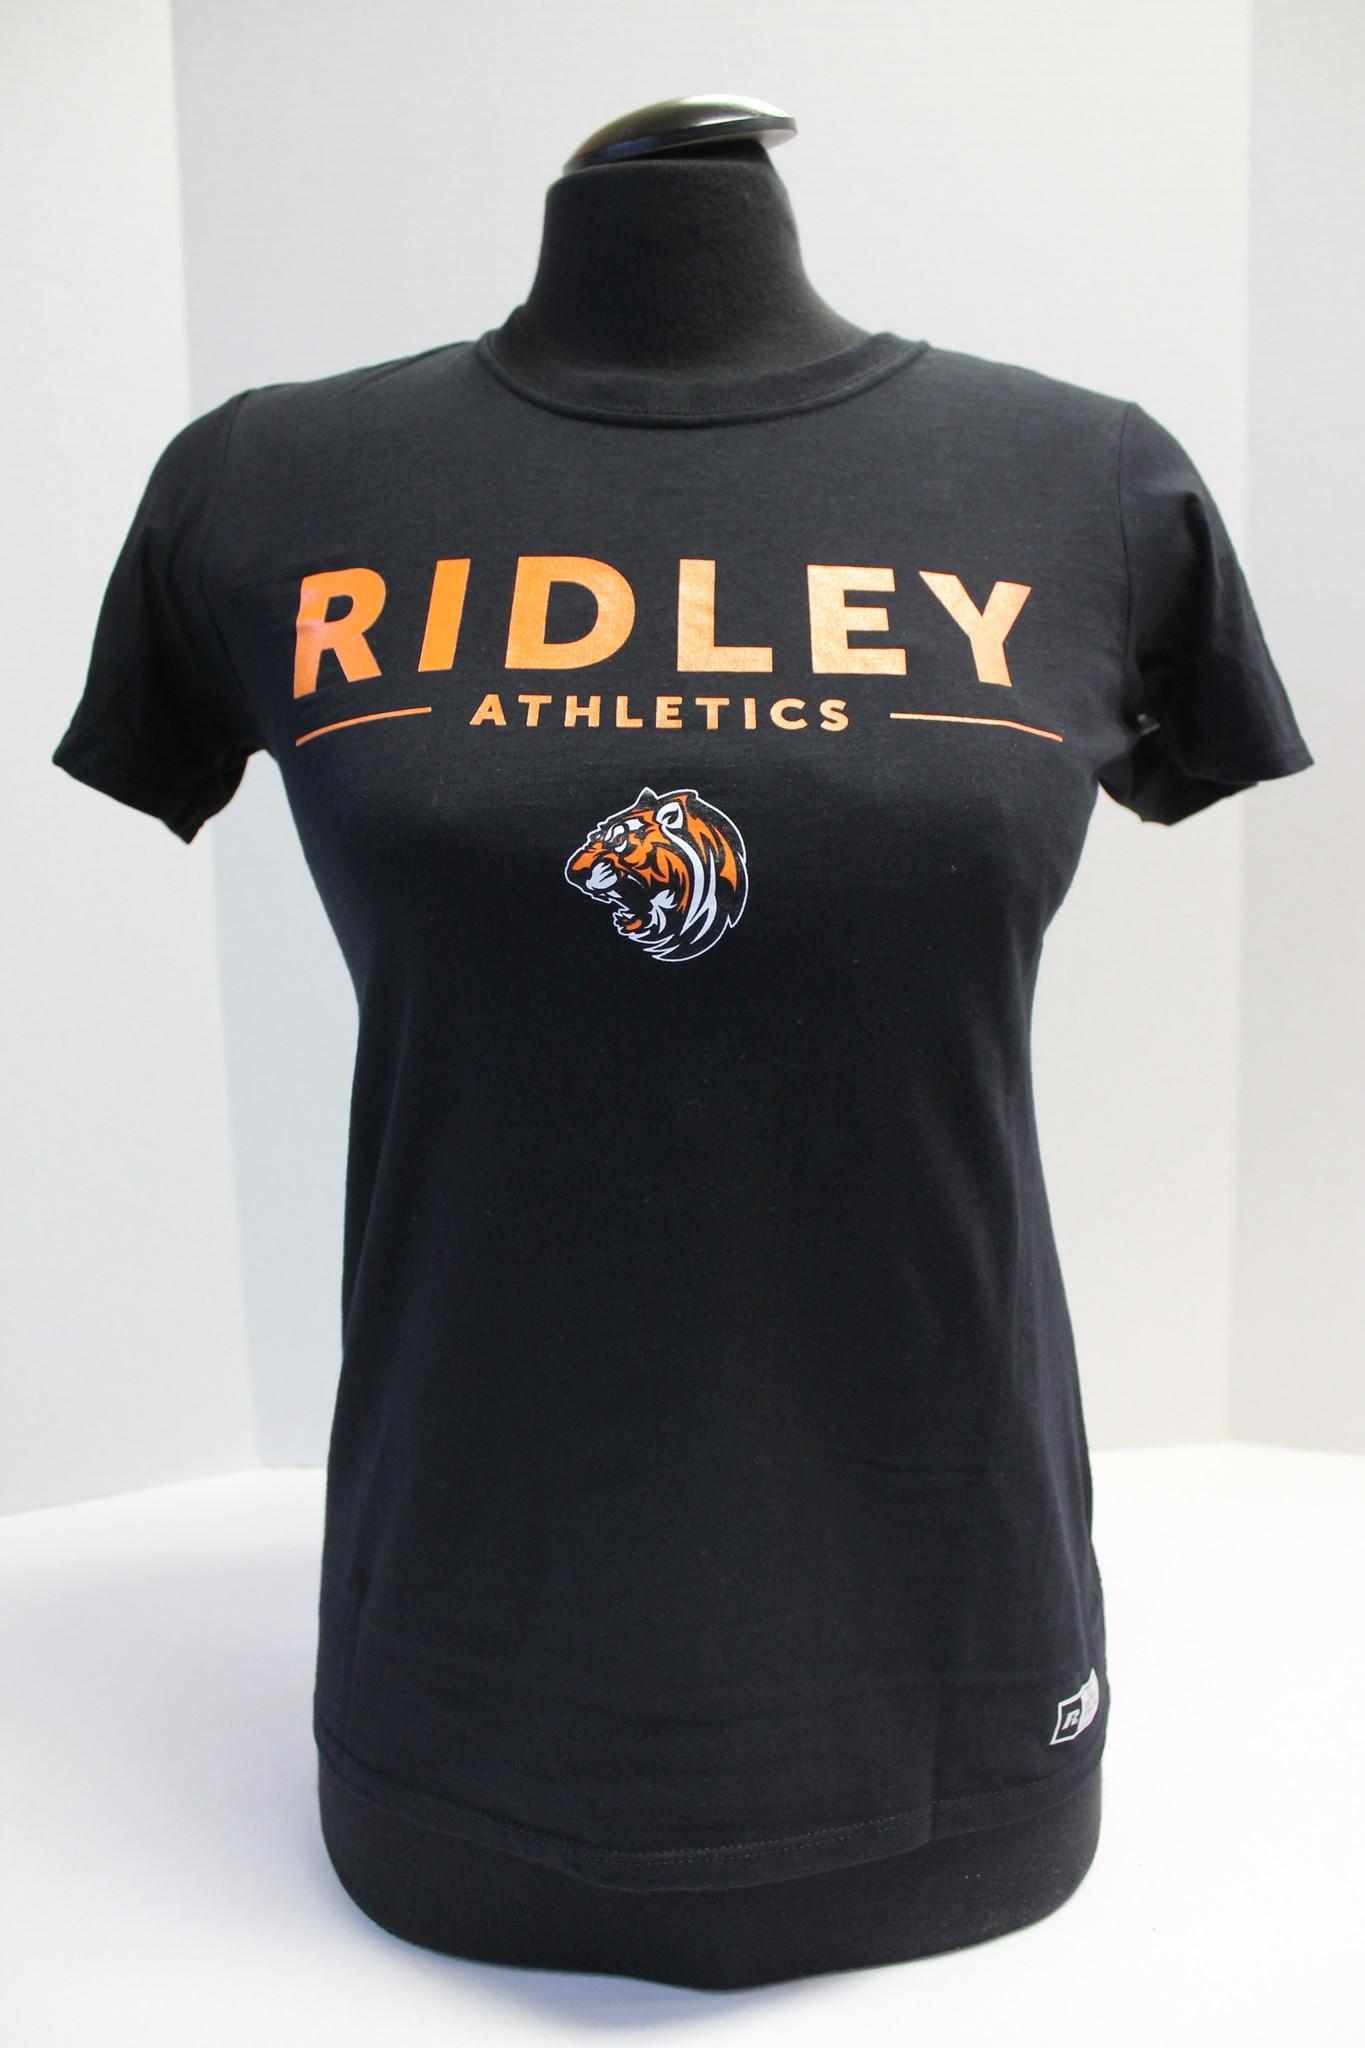 Sports Dress - T-shirt (Adult)